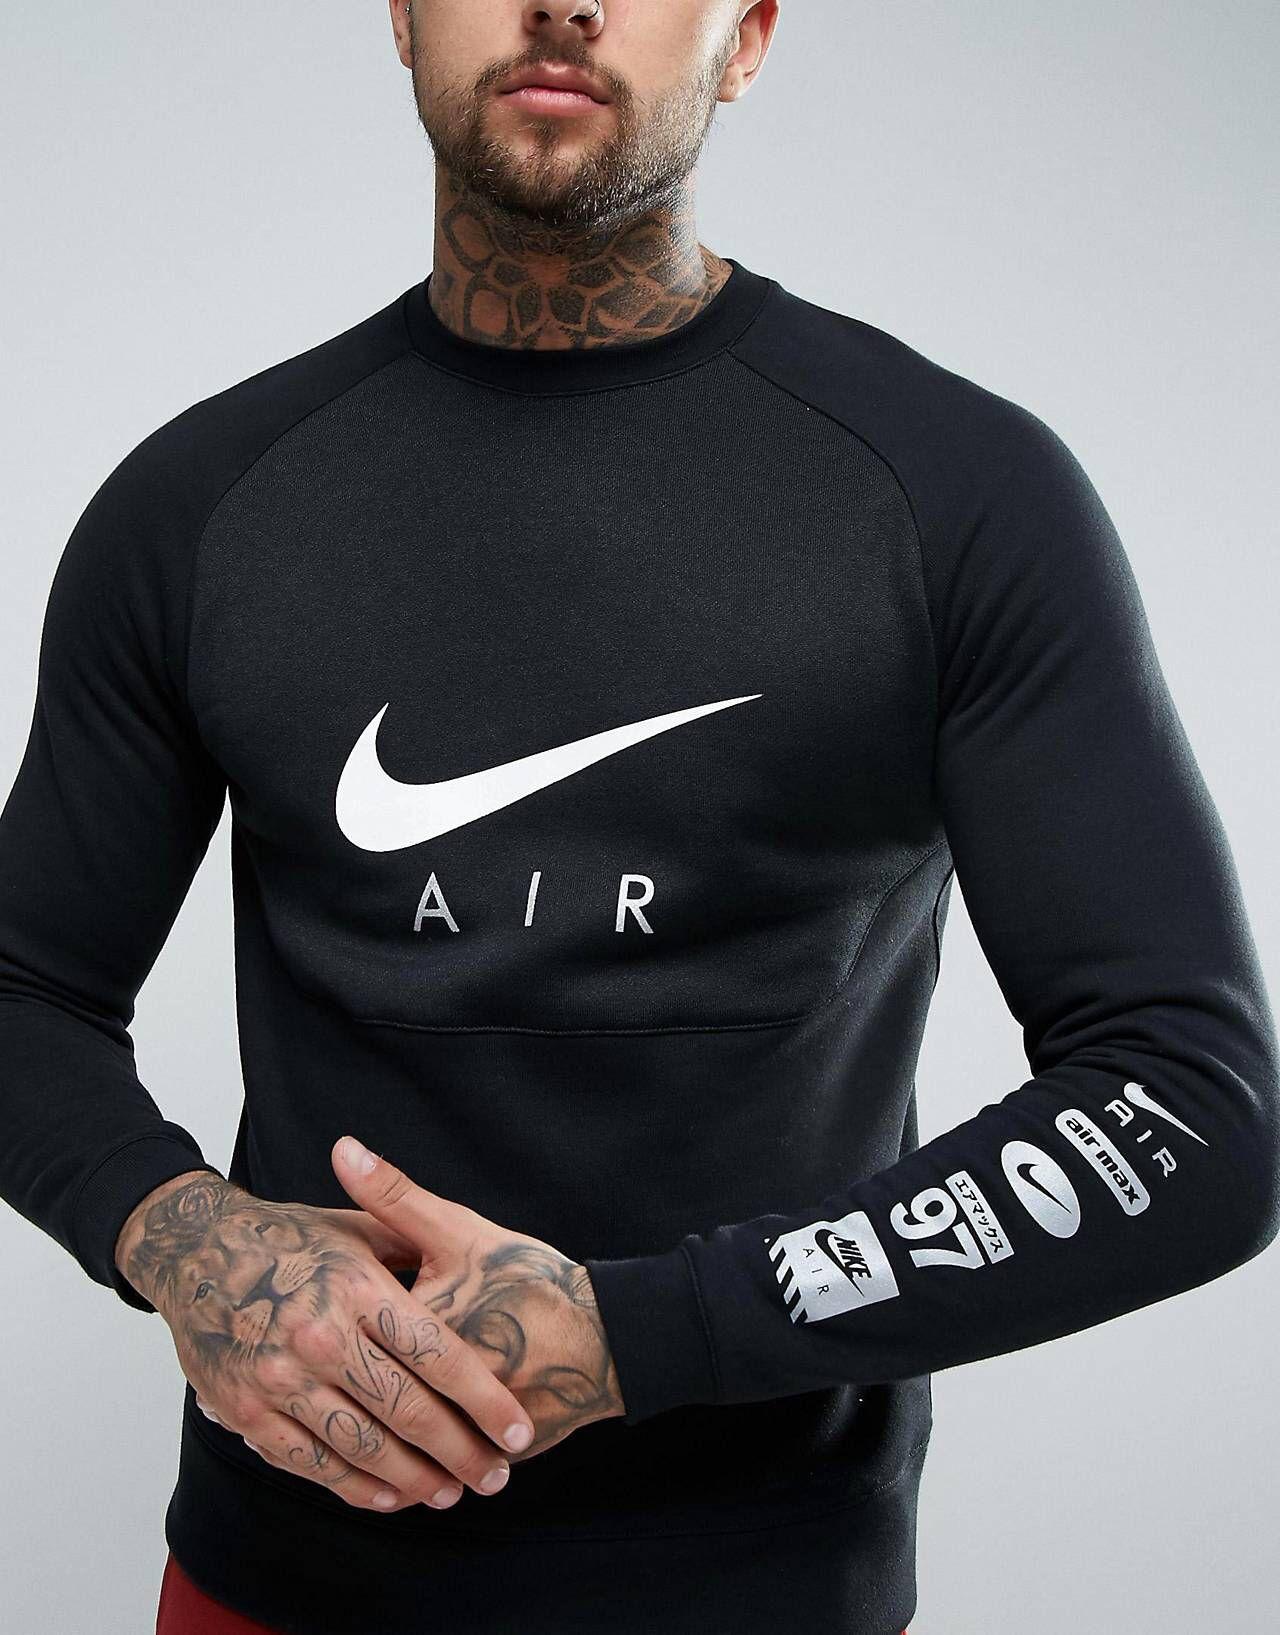 Nike Air Sweat shirt imprimé color block Noir 832150 010